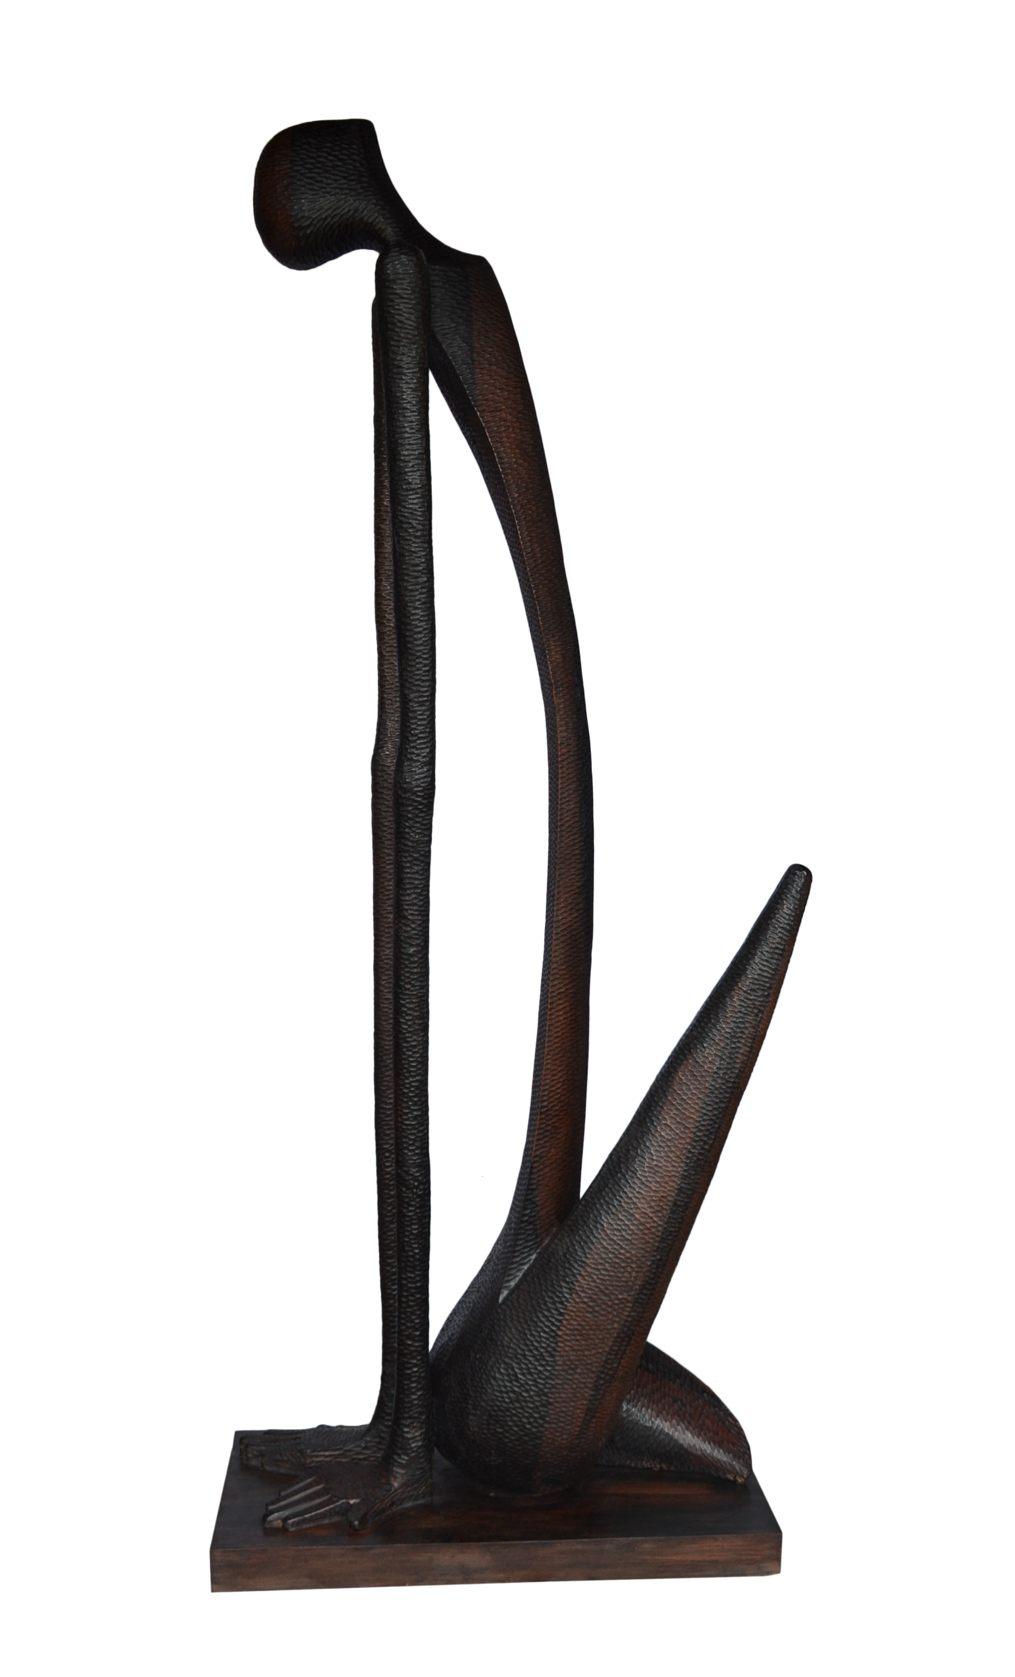 Arise, 89 Inches, Ebony Wood, 2015 (1)